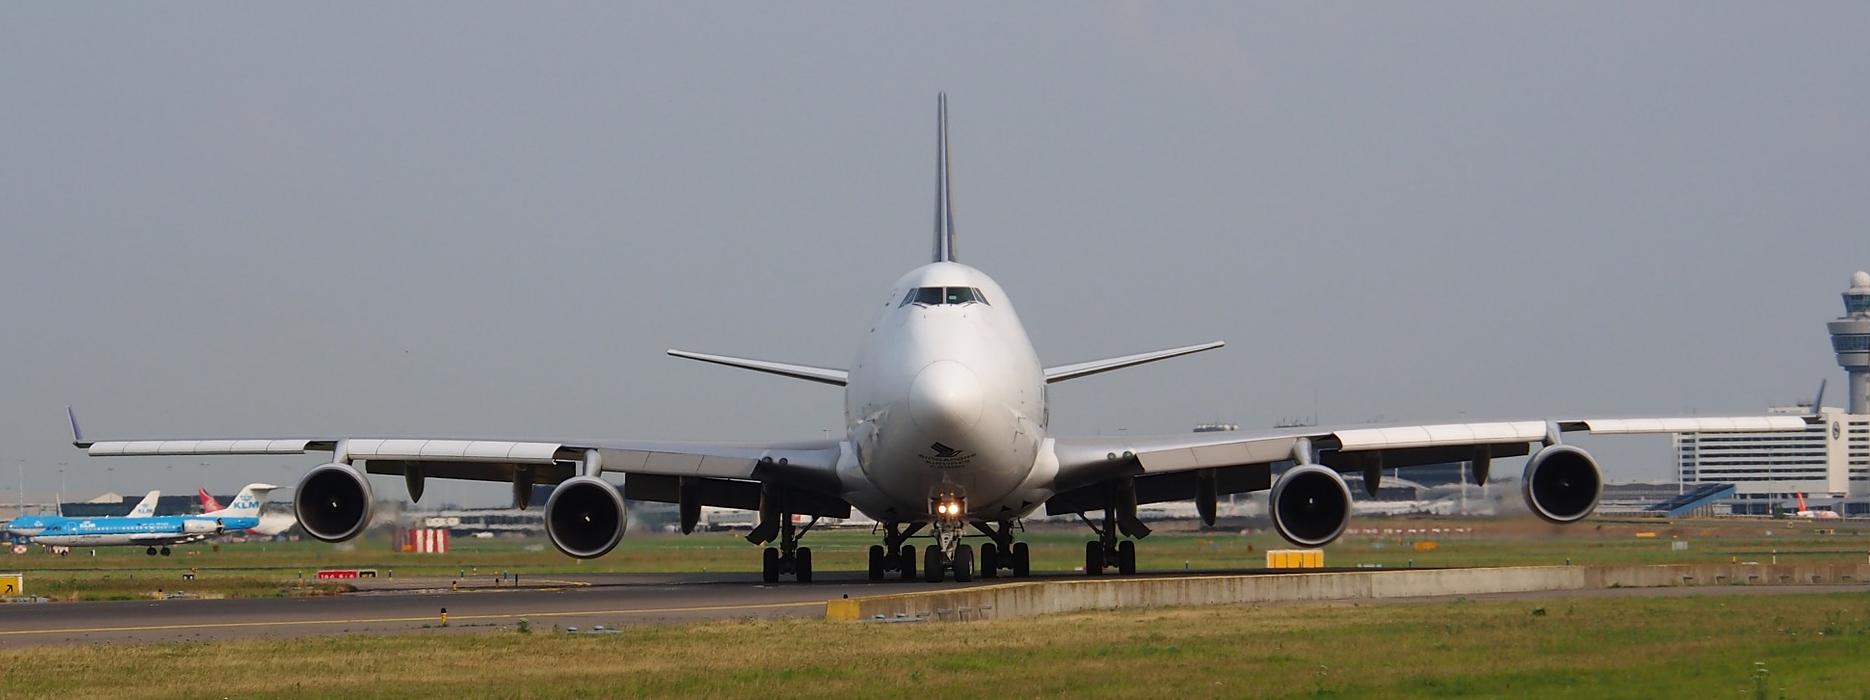 boeing-747-867512_1920